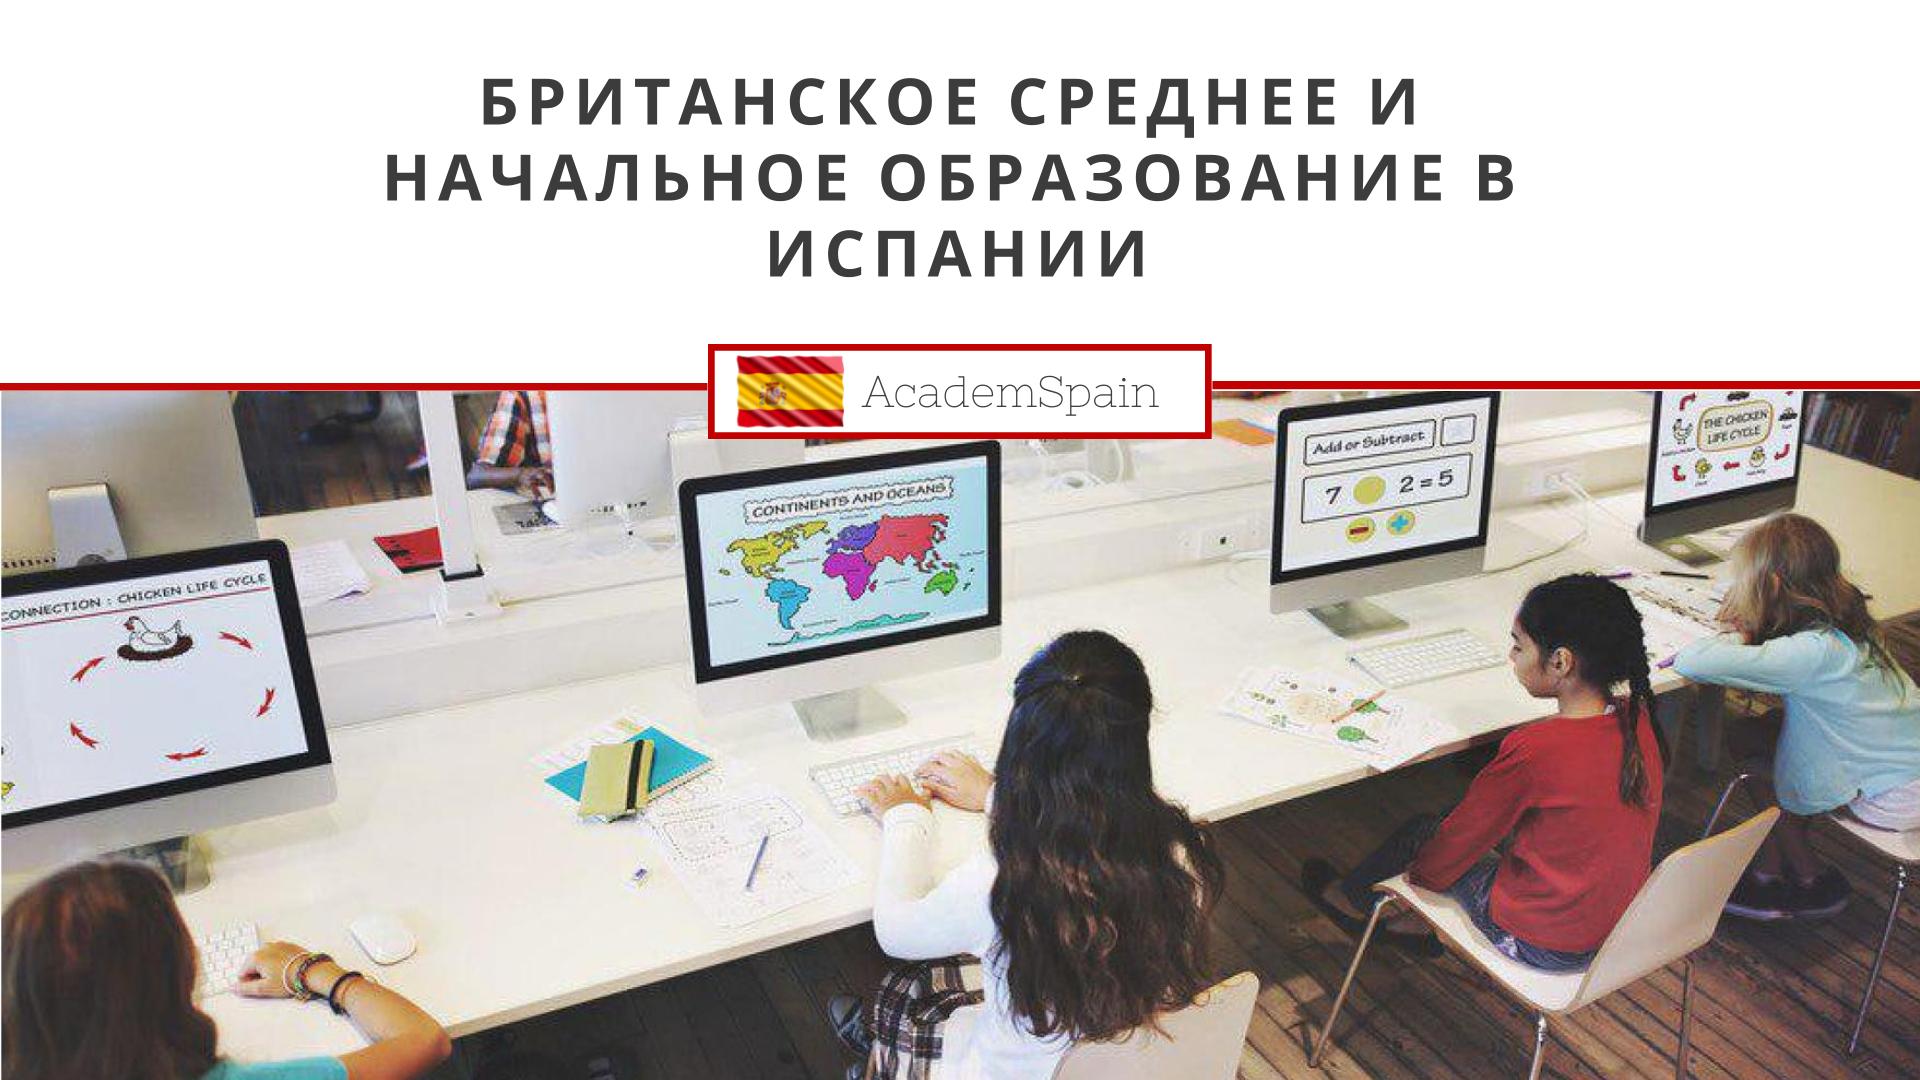 Британское среднее и начальное образование в Испании